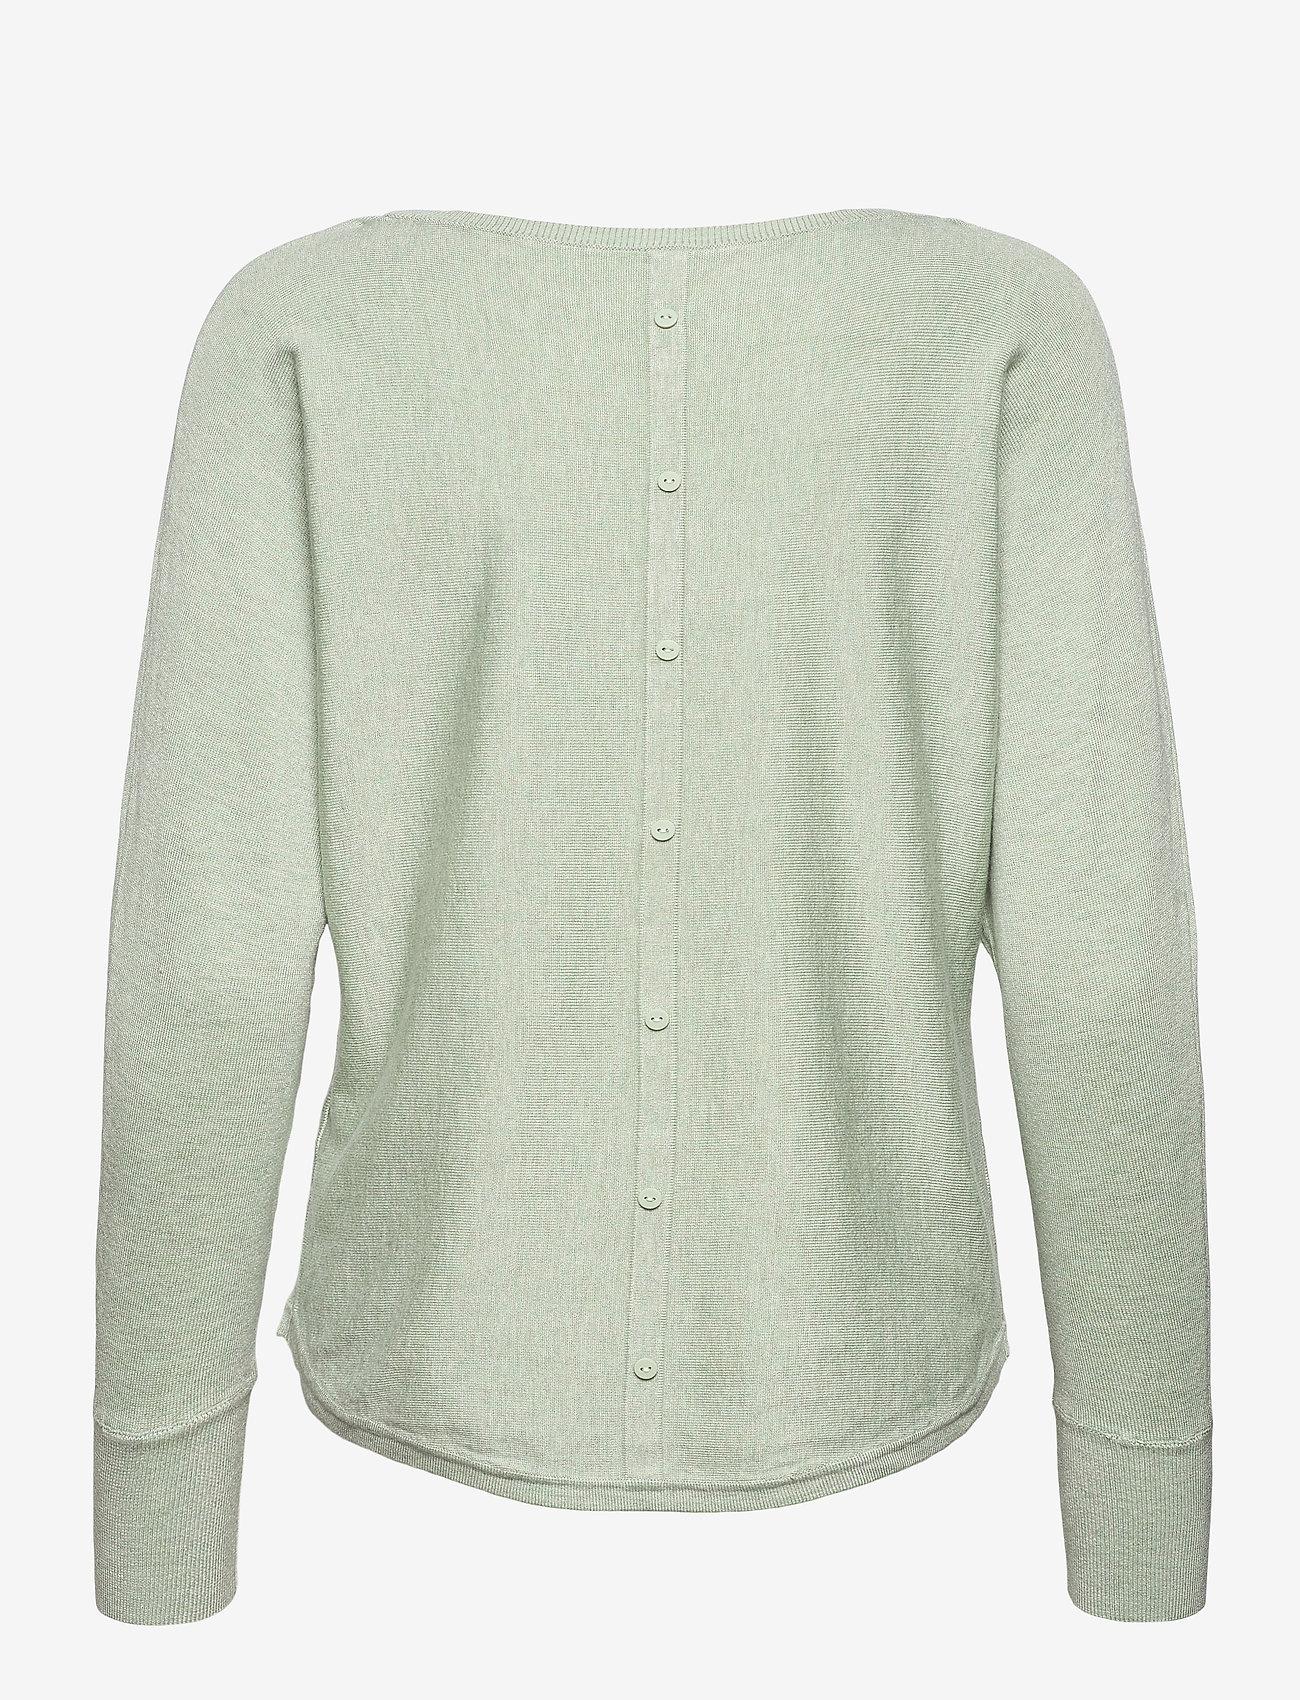 Soyaconcept - SC-DOLLIE - jumpers - light green melange - 1